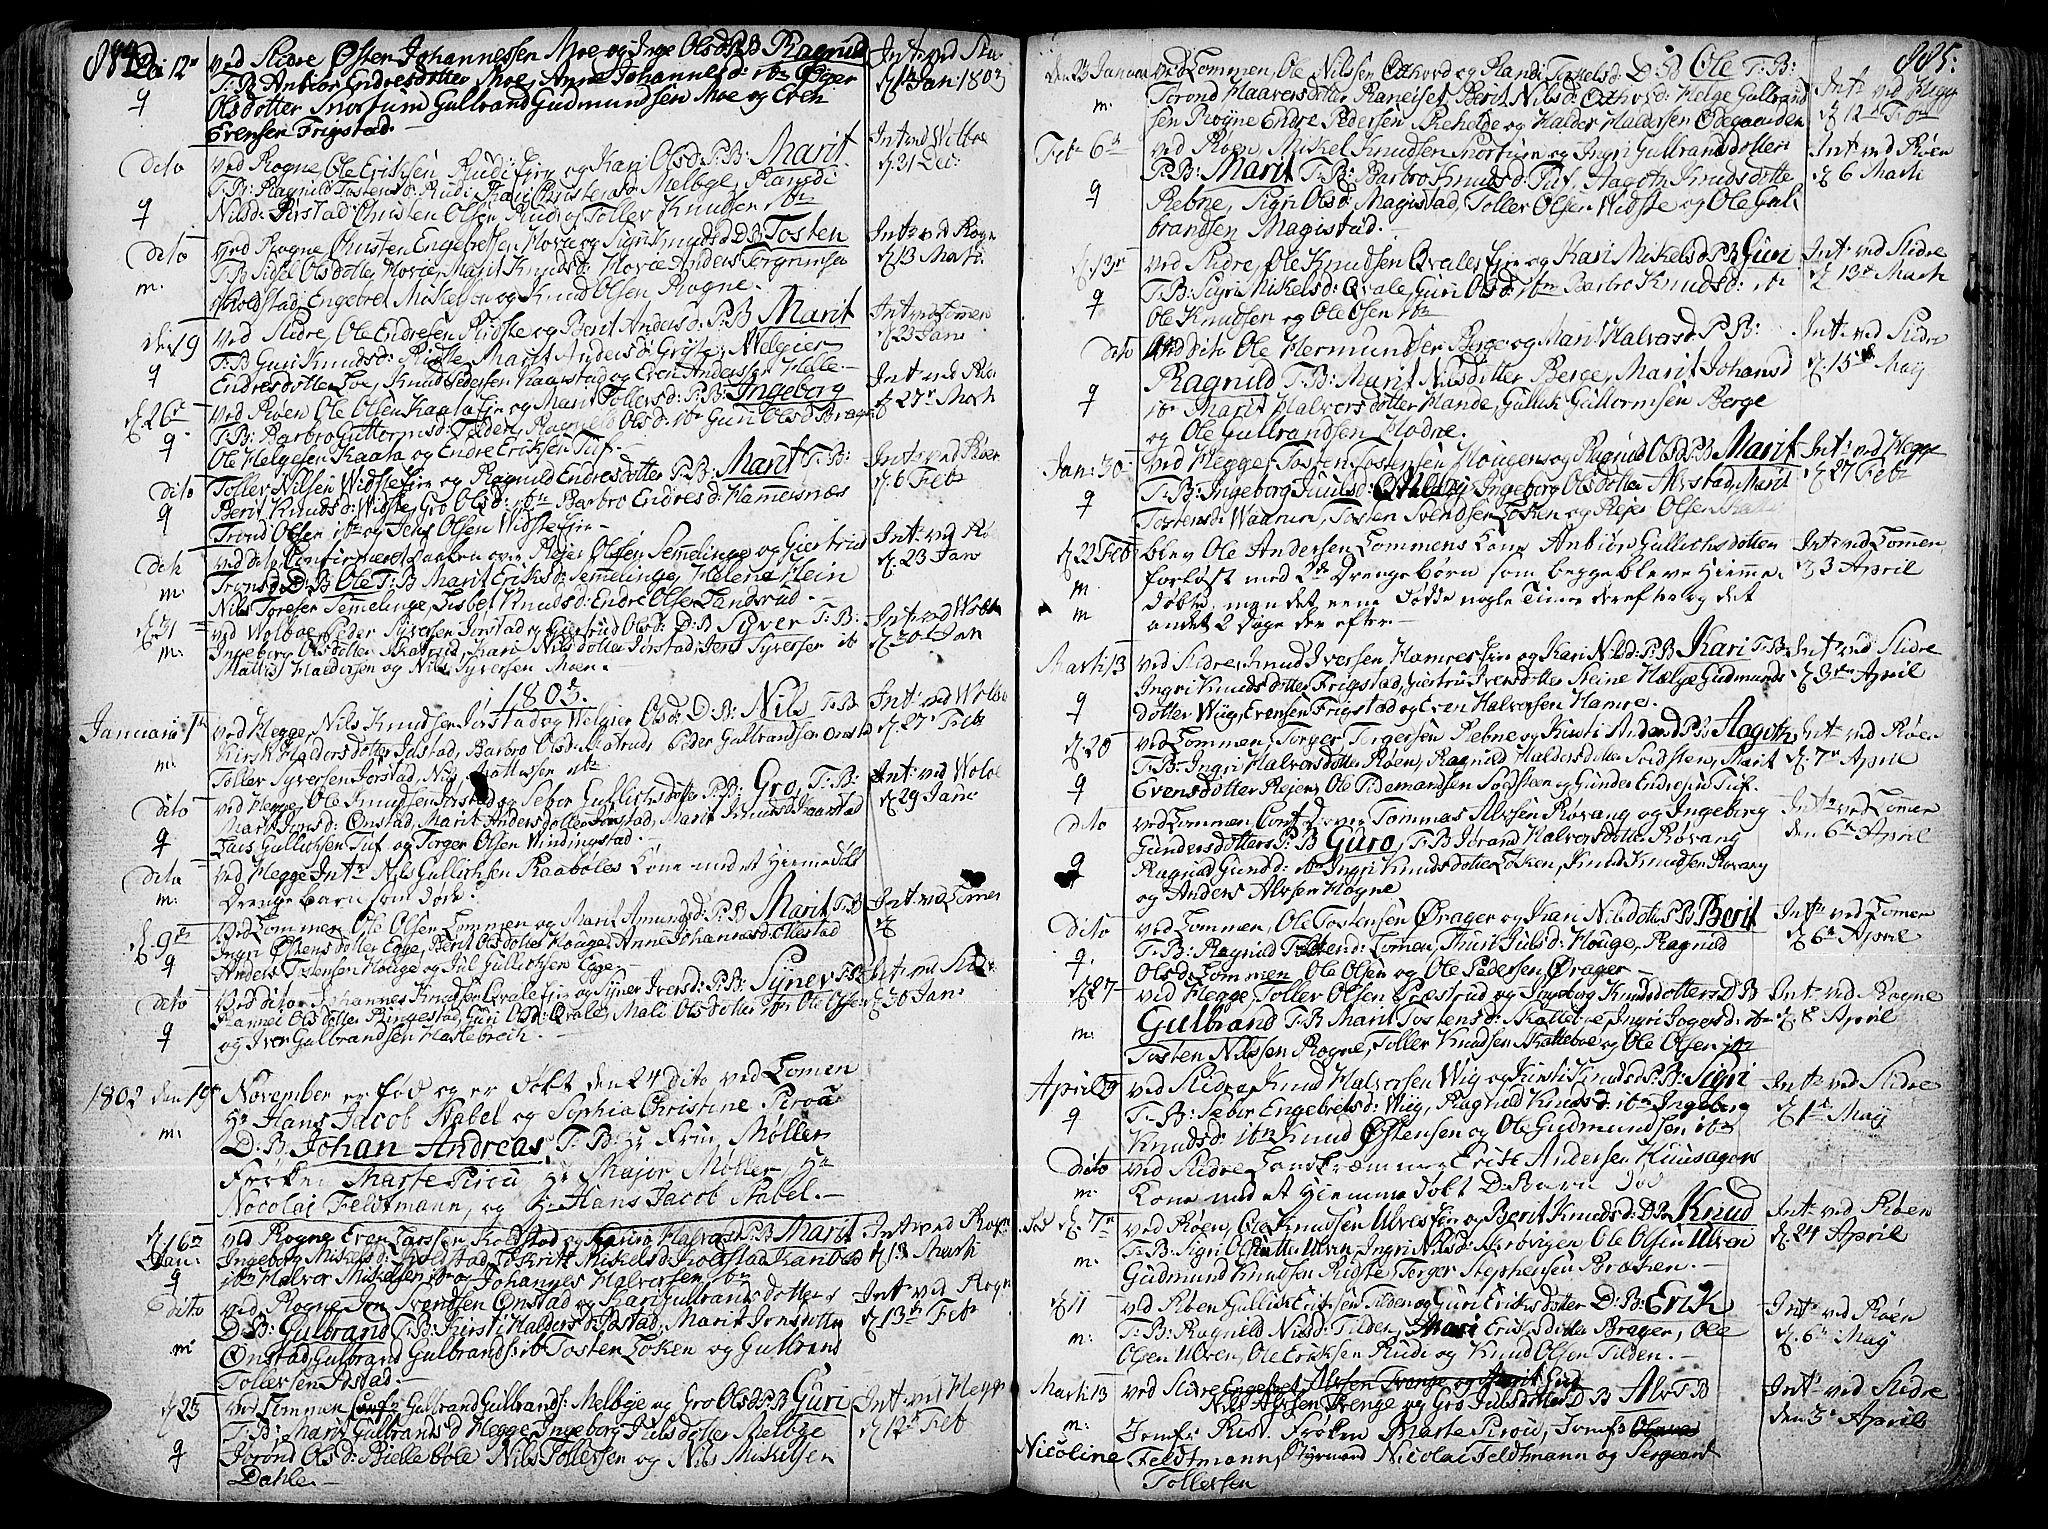 SAH, Slidre prestekontor, Ministerialbok nr. 1, 1724-1814, s. 884-885